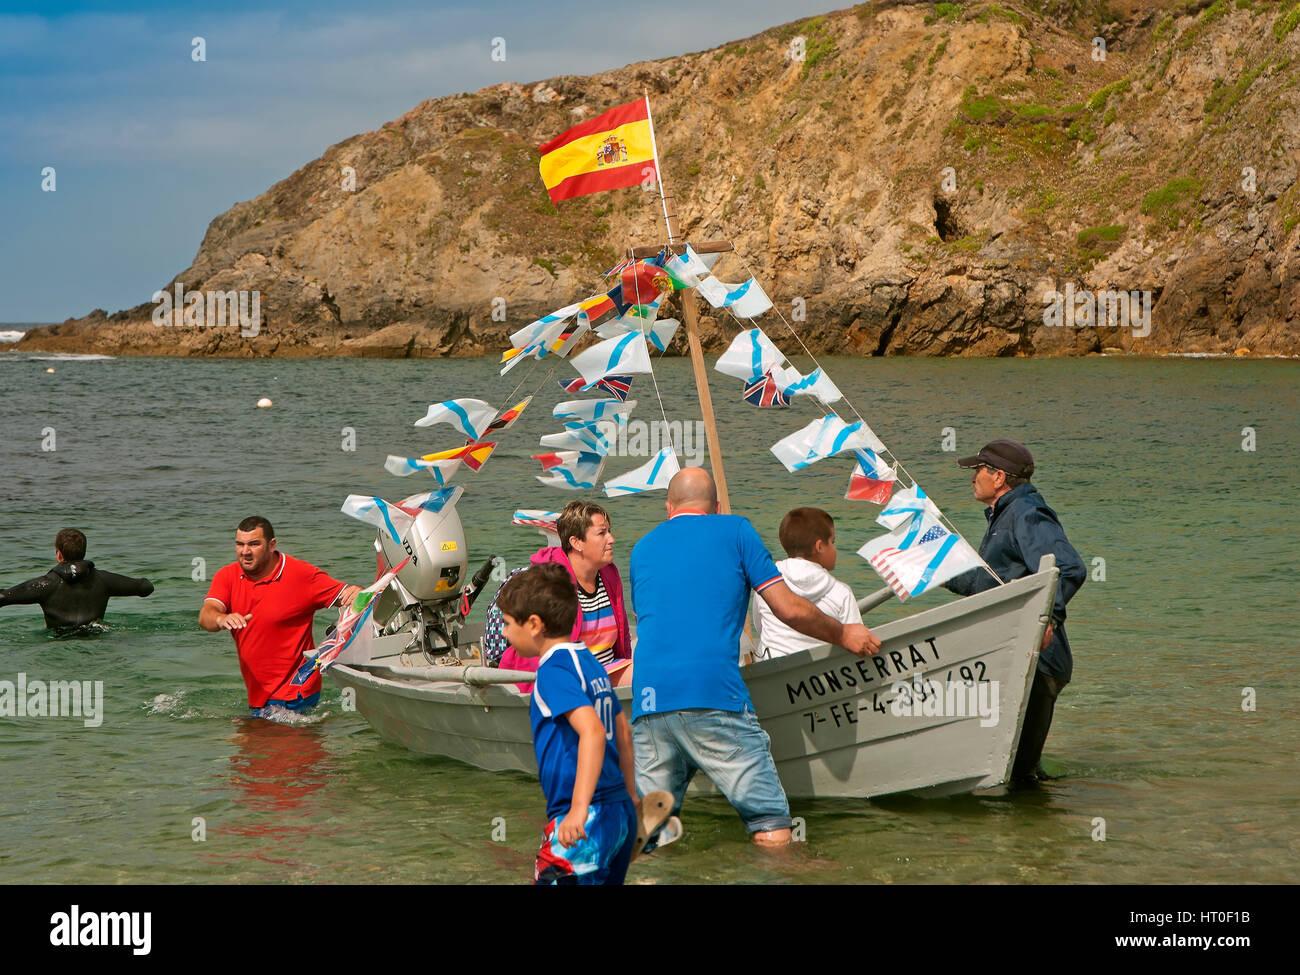 Festa del Virxe do Porto - persone, Meiras - Valdoviño, La Coruña provincia, regione della Galizia, Spagna, Immagini Stock